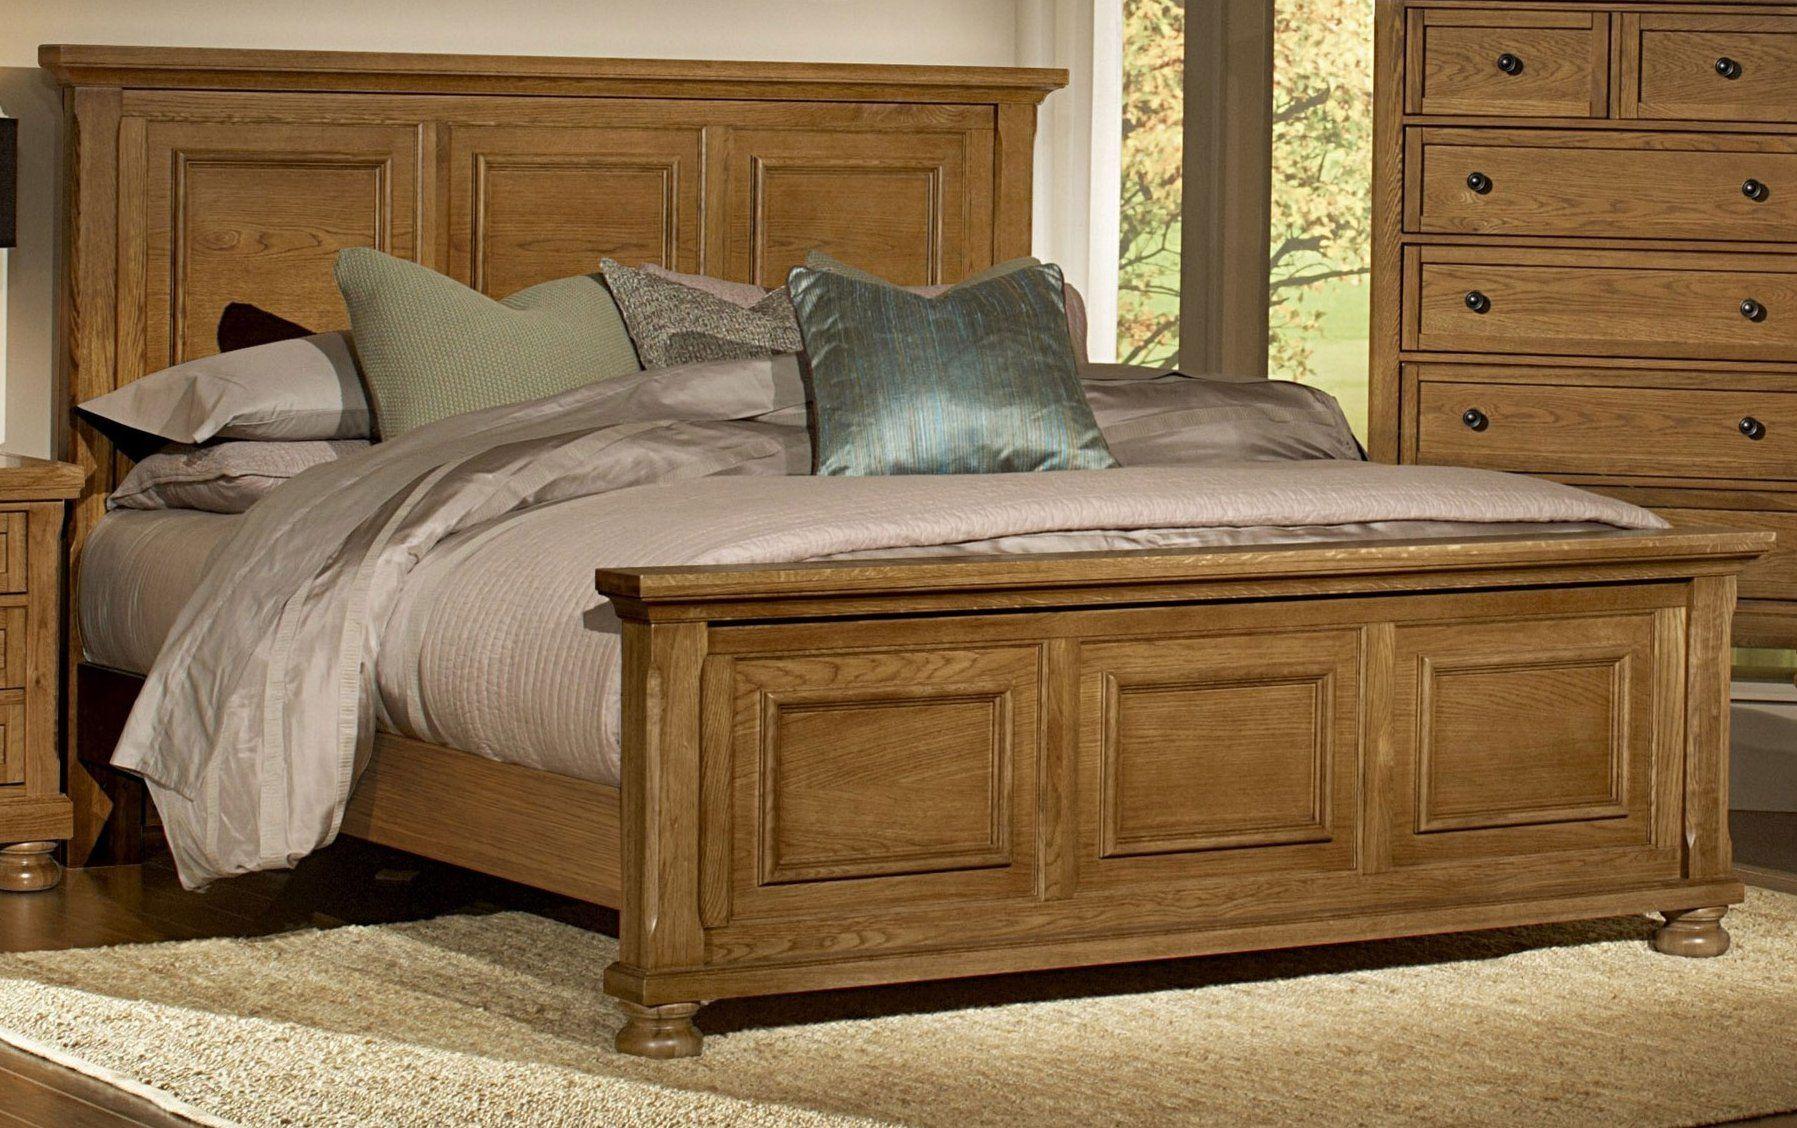 Broyhill Attic Heirloom Mansion Bed Master Bedrooms Decor Bed Furniture Design Bedroom Furniture Brands